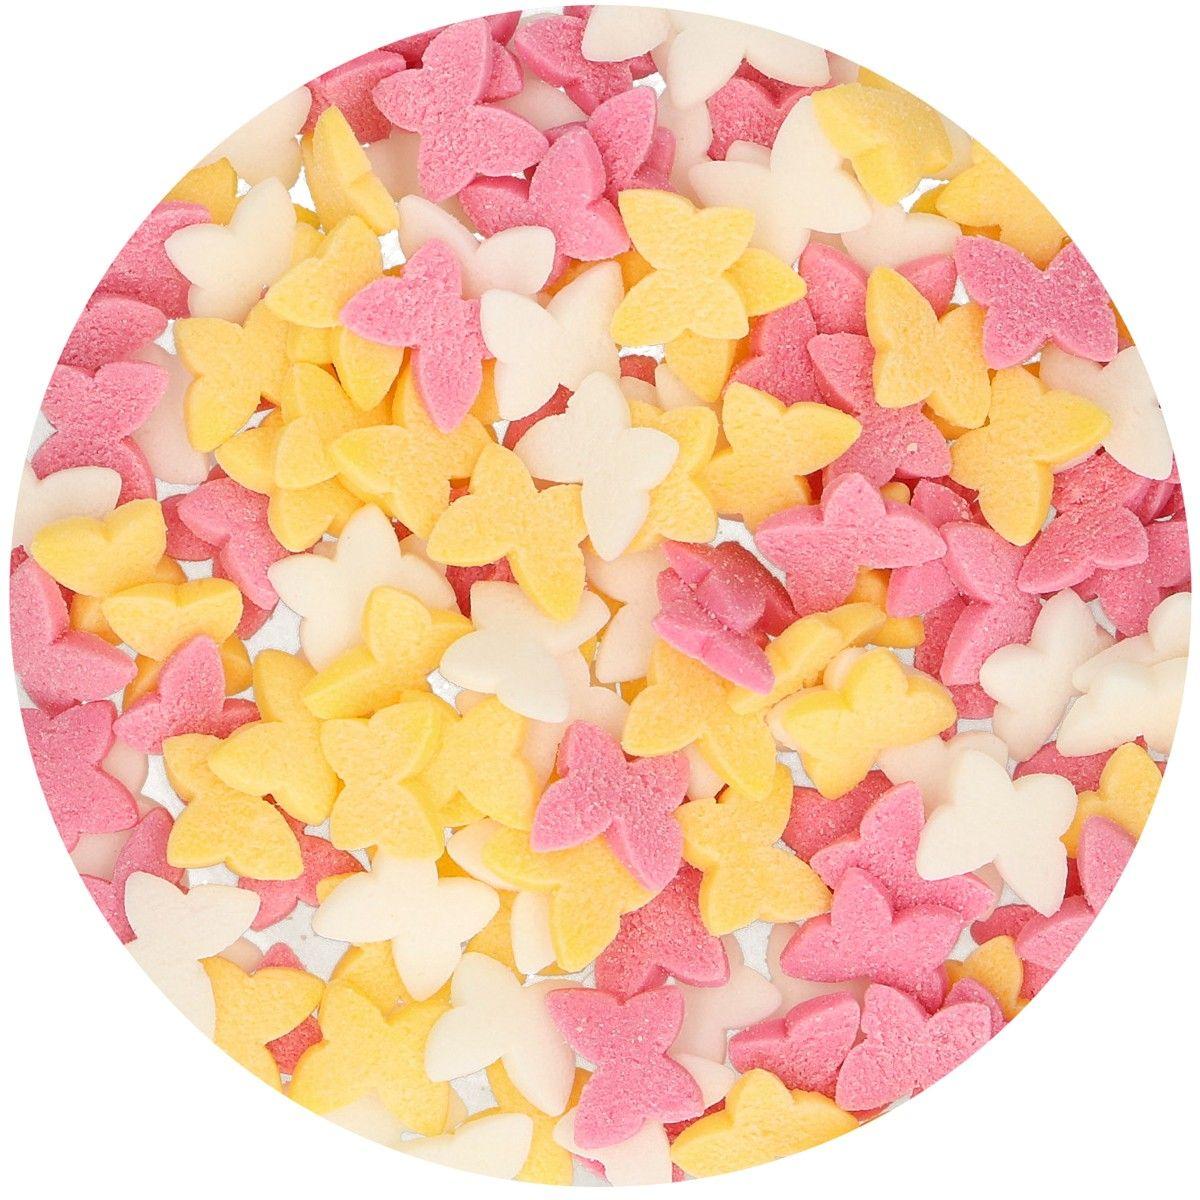 Zuckerdekoration Schmetterlinge 50 g